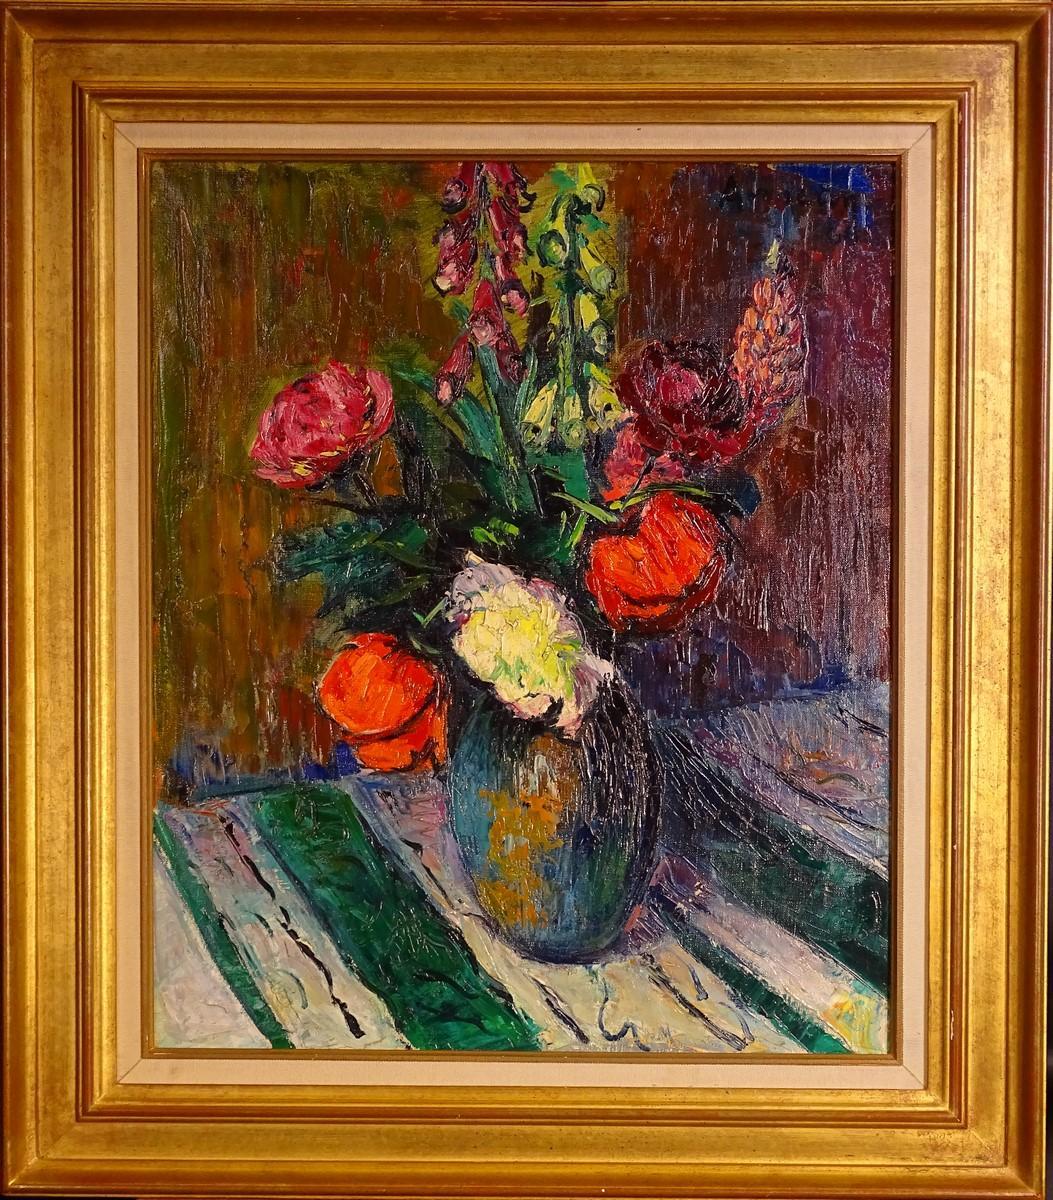 Tableau hst bouquet fleuri sign eon aim for Bouquet fleuri